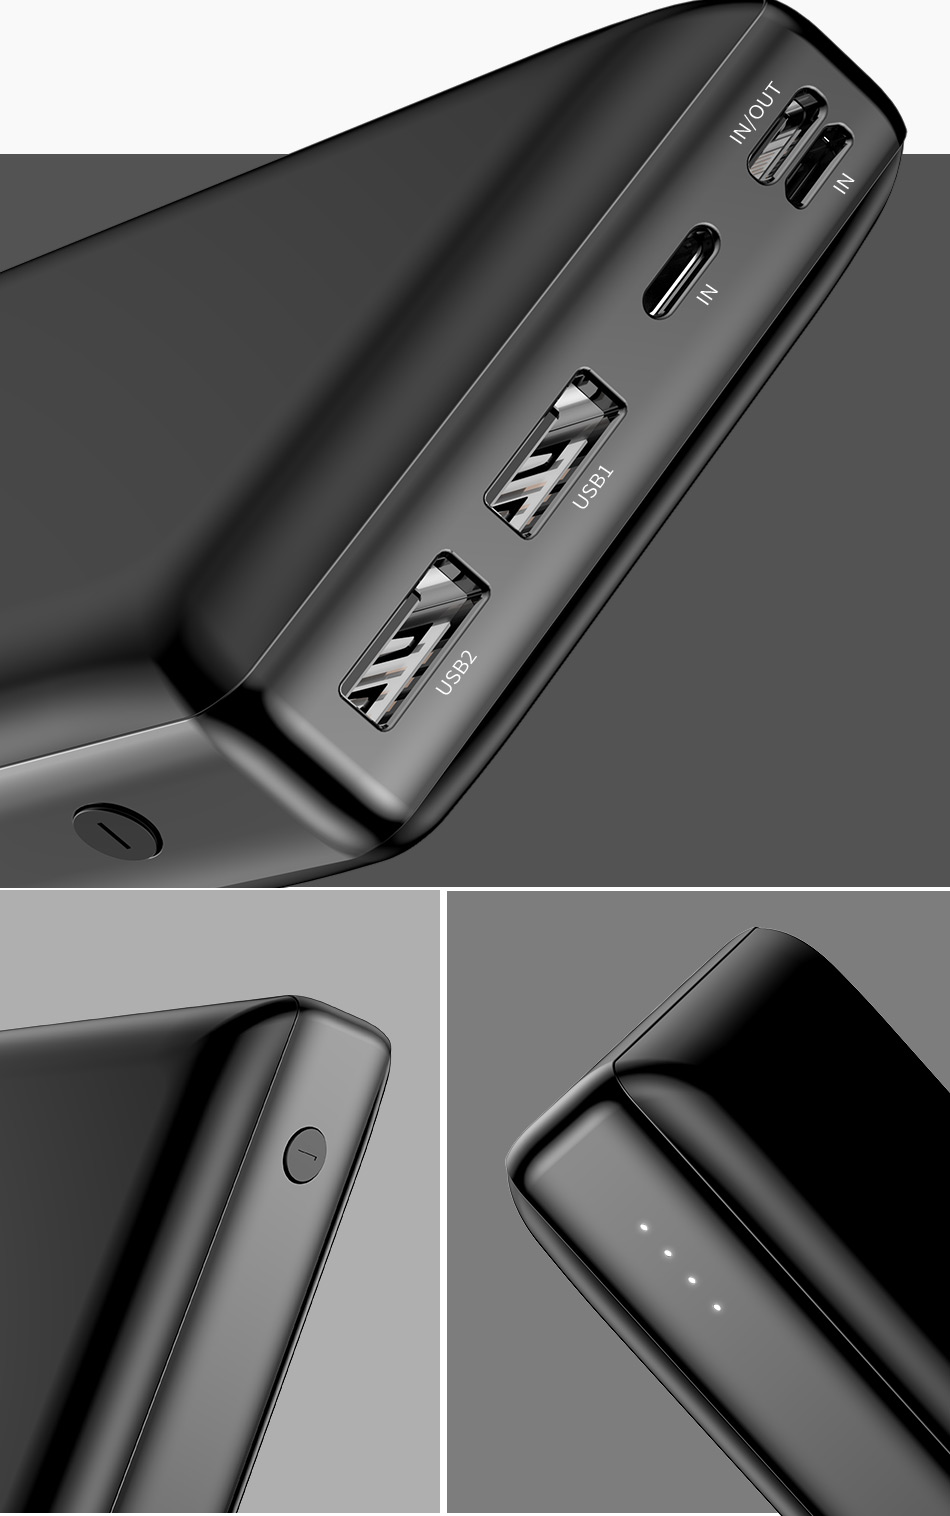 Baseus 30000 мАч Внешний аккумулятор PD USB C Быстрая зарядка внешний аккумулятор для iPhone11 samsung huawei type C портативное зарядное устройство Внешний аккумулятор